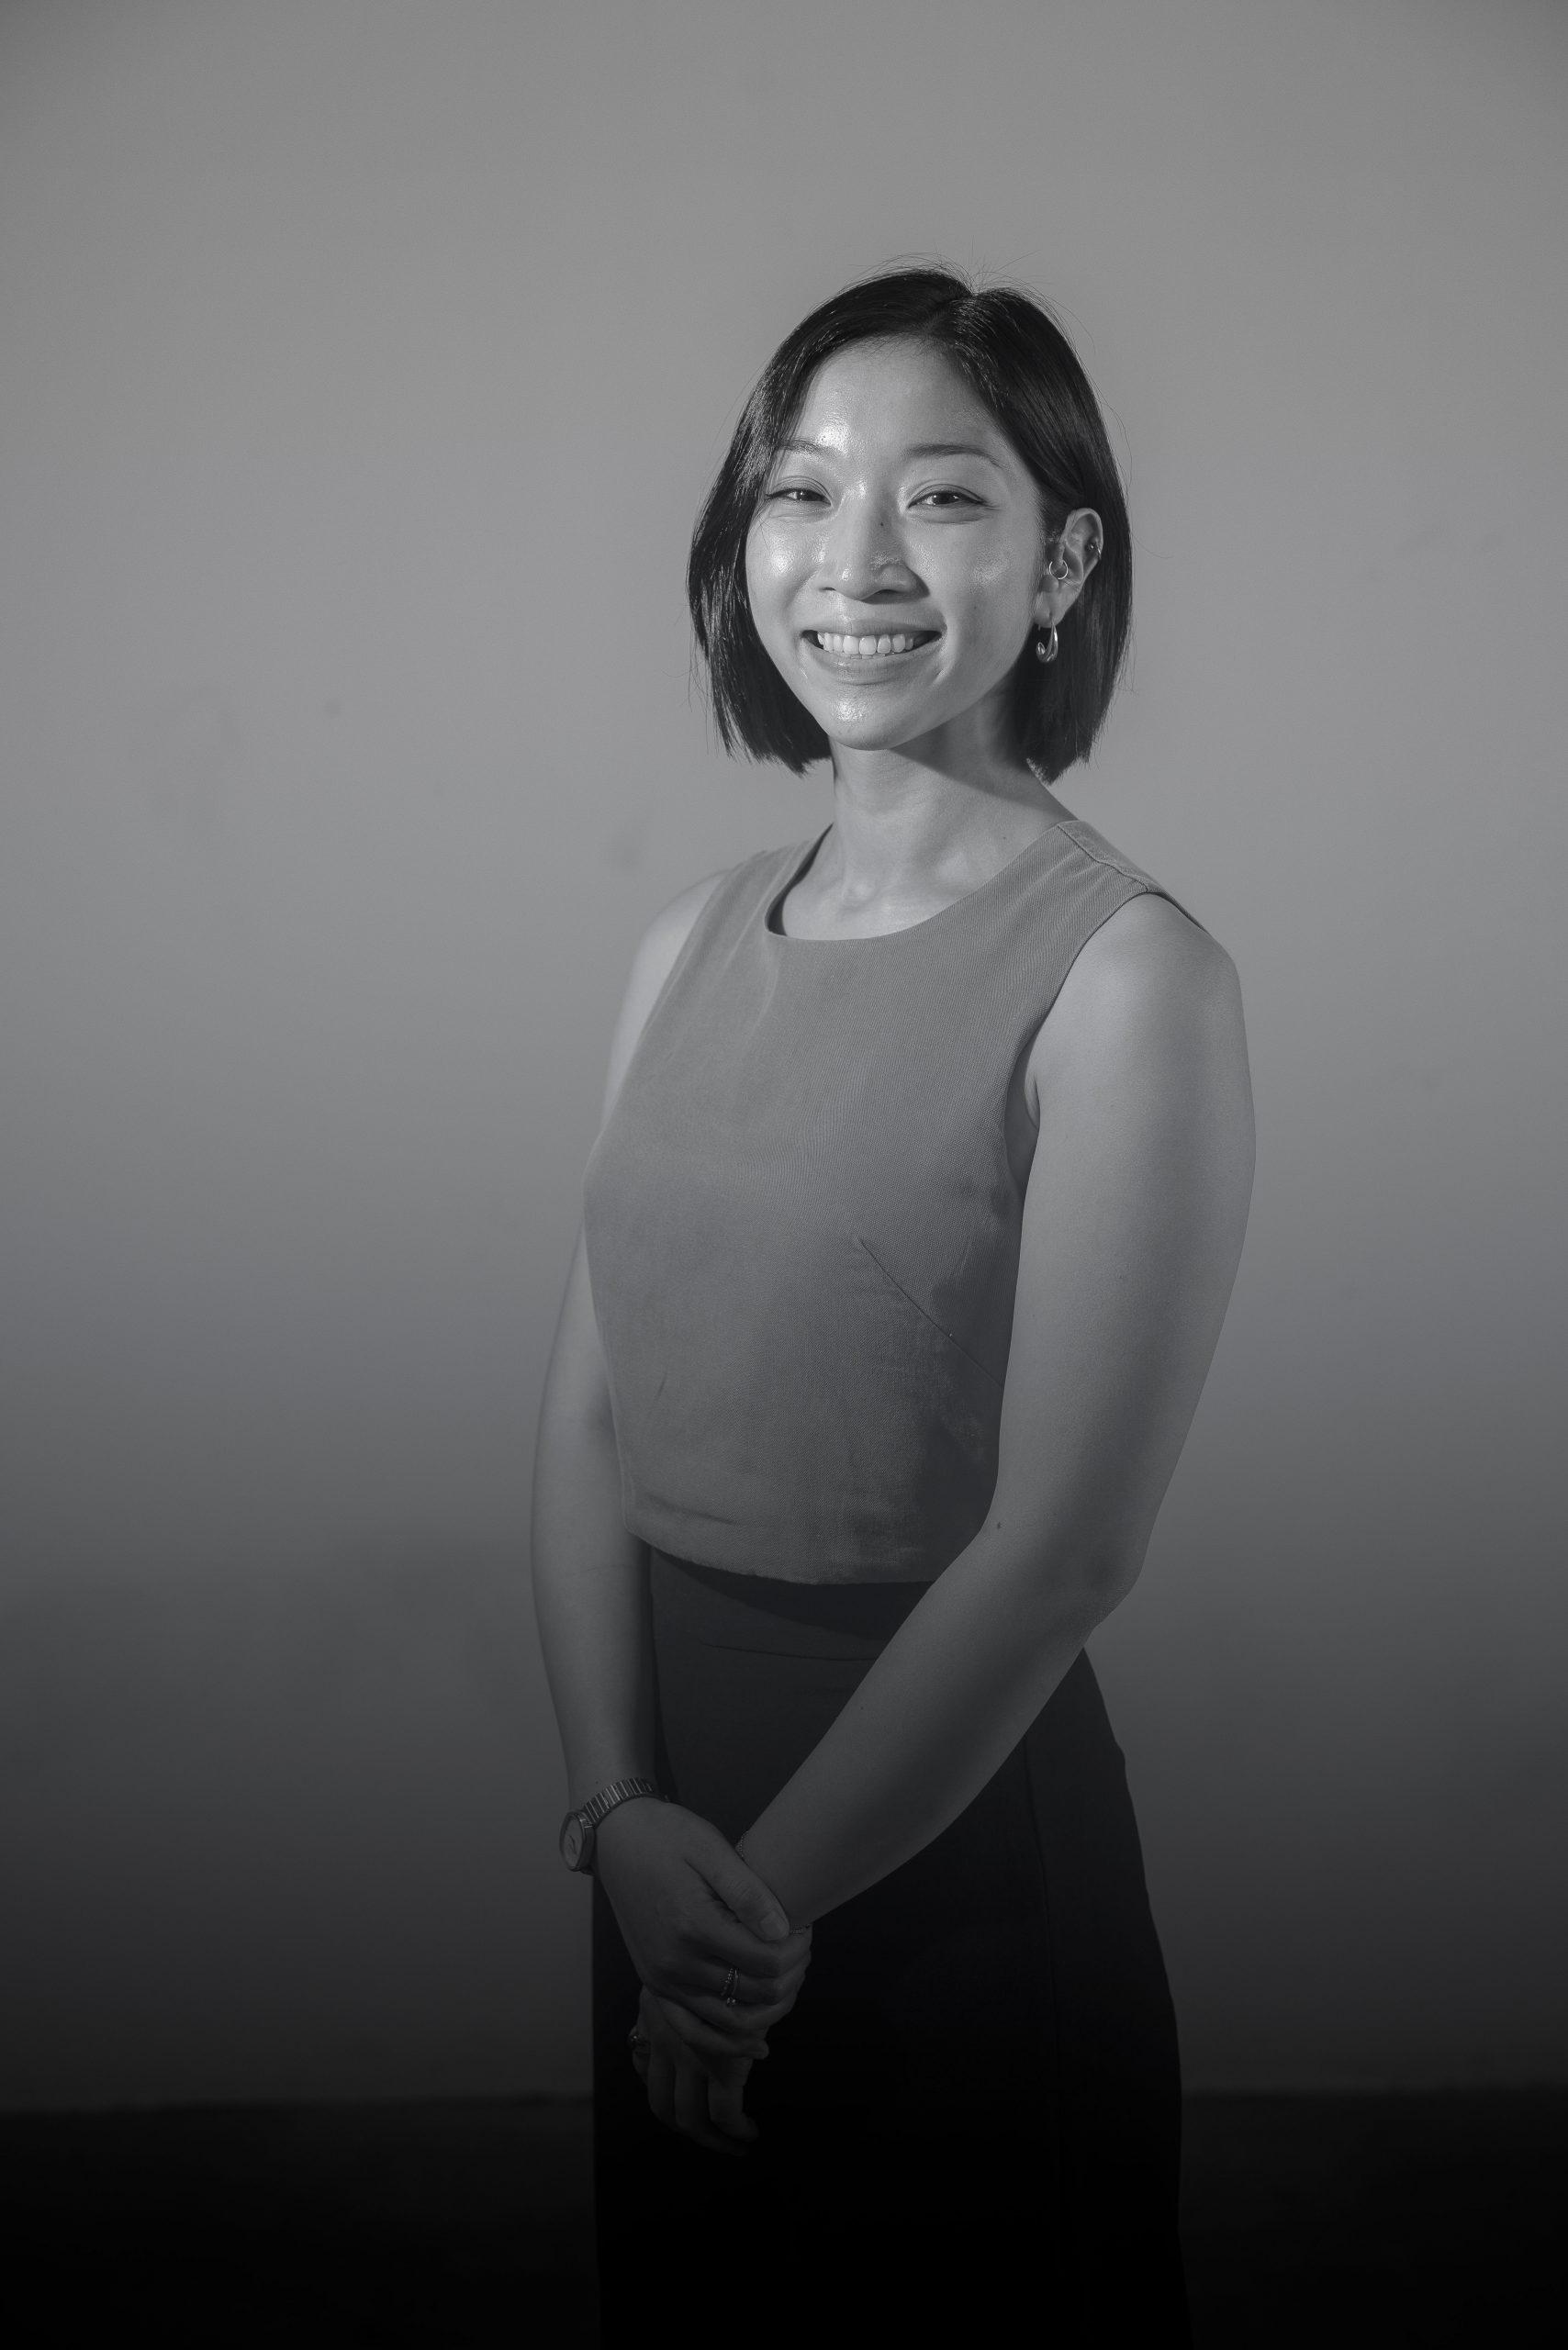 Ann Maria Lee smiling